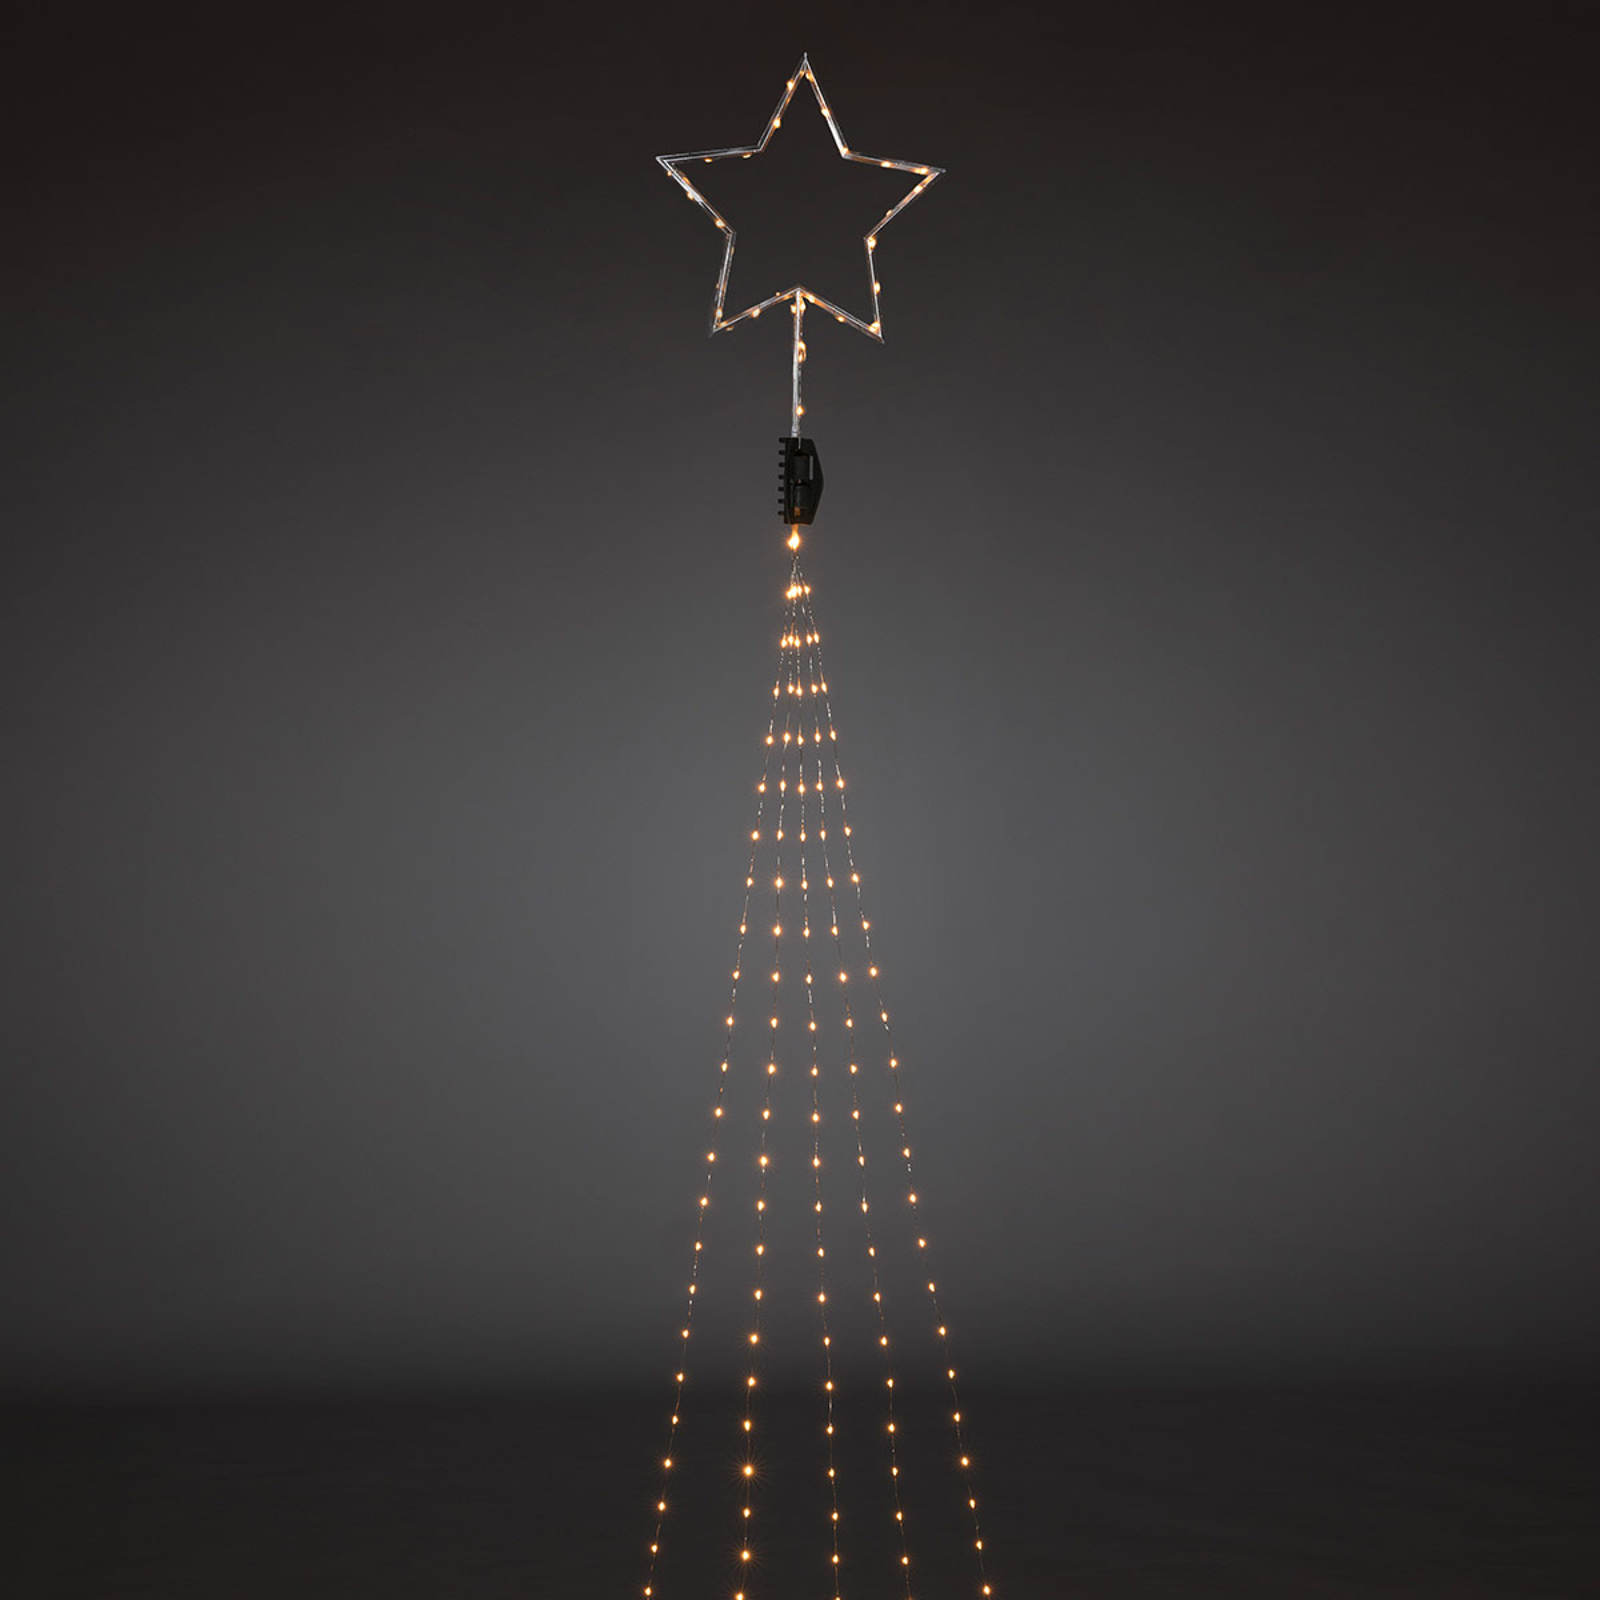 Topstjerne i sølv - LED trælyskæde 274 lyskilder